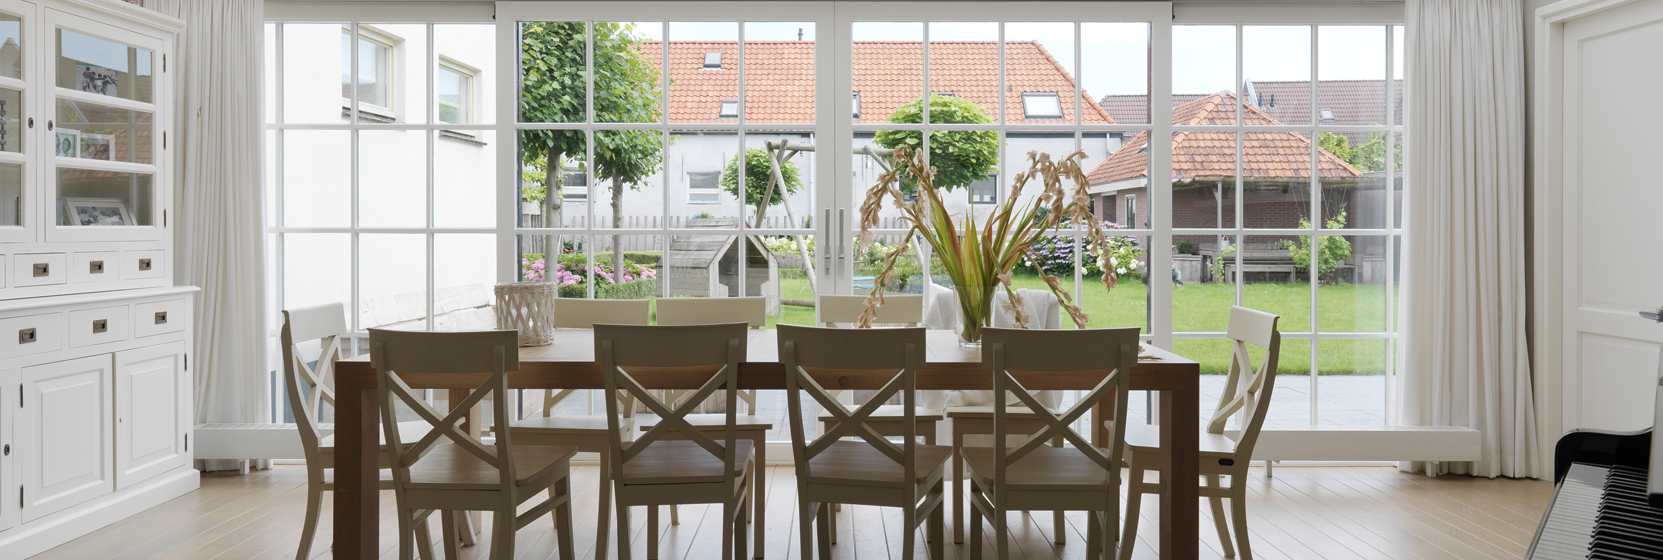 Bouwbedrijf Willem van der Velde corporate website